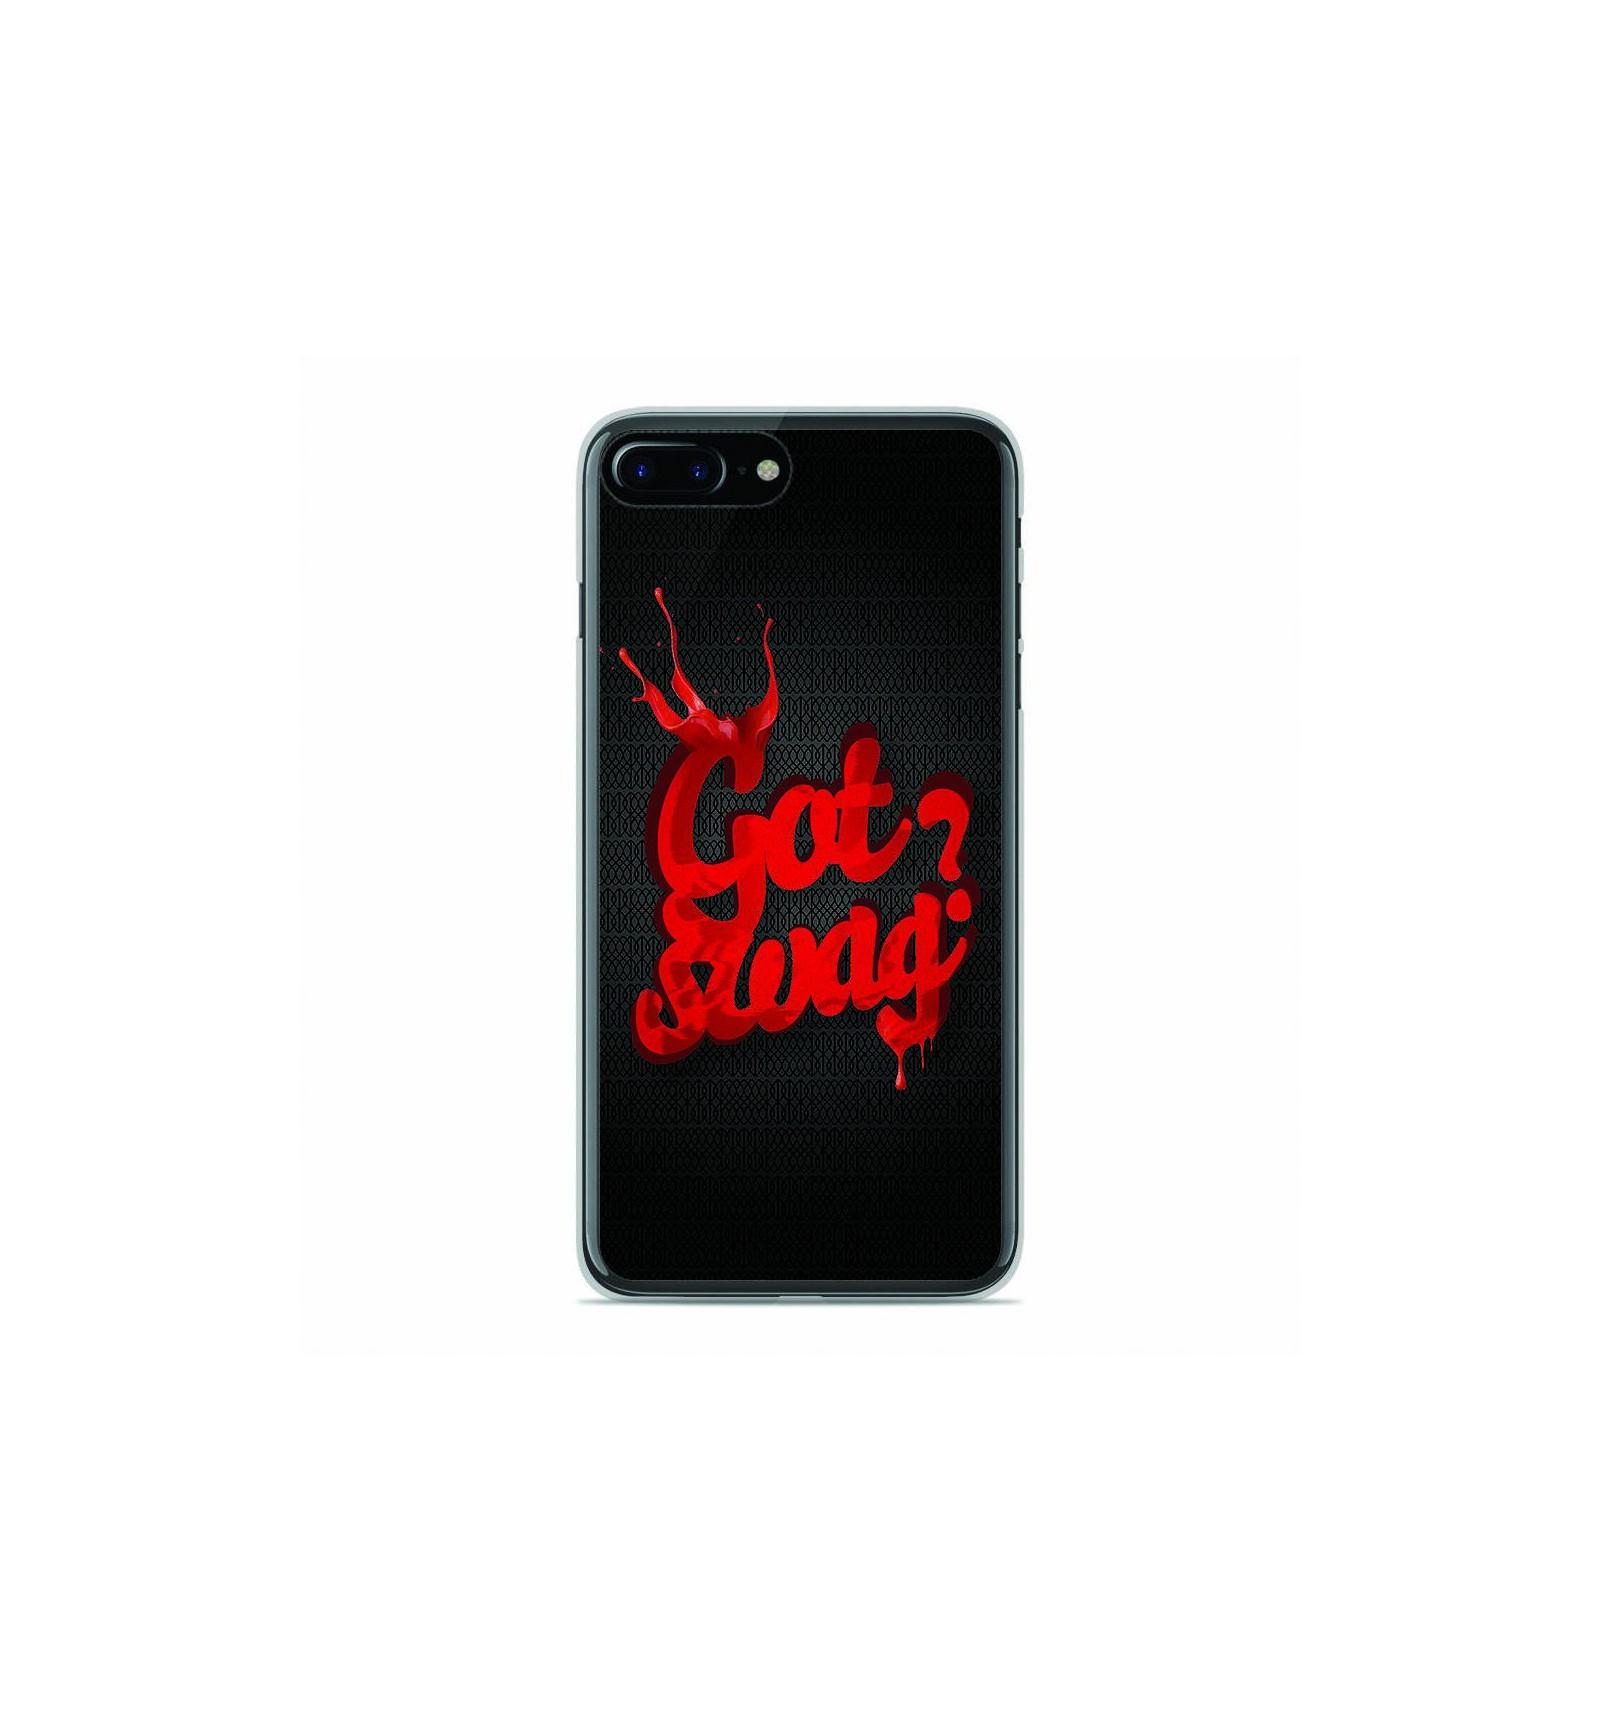 iphone 8 plus coque swag